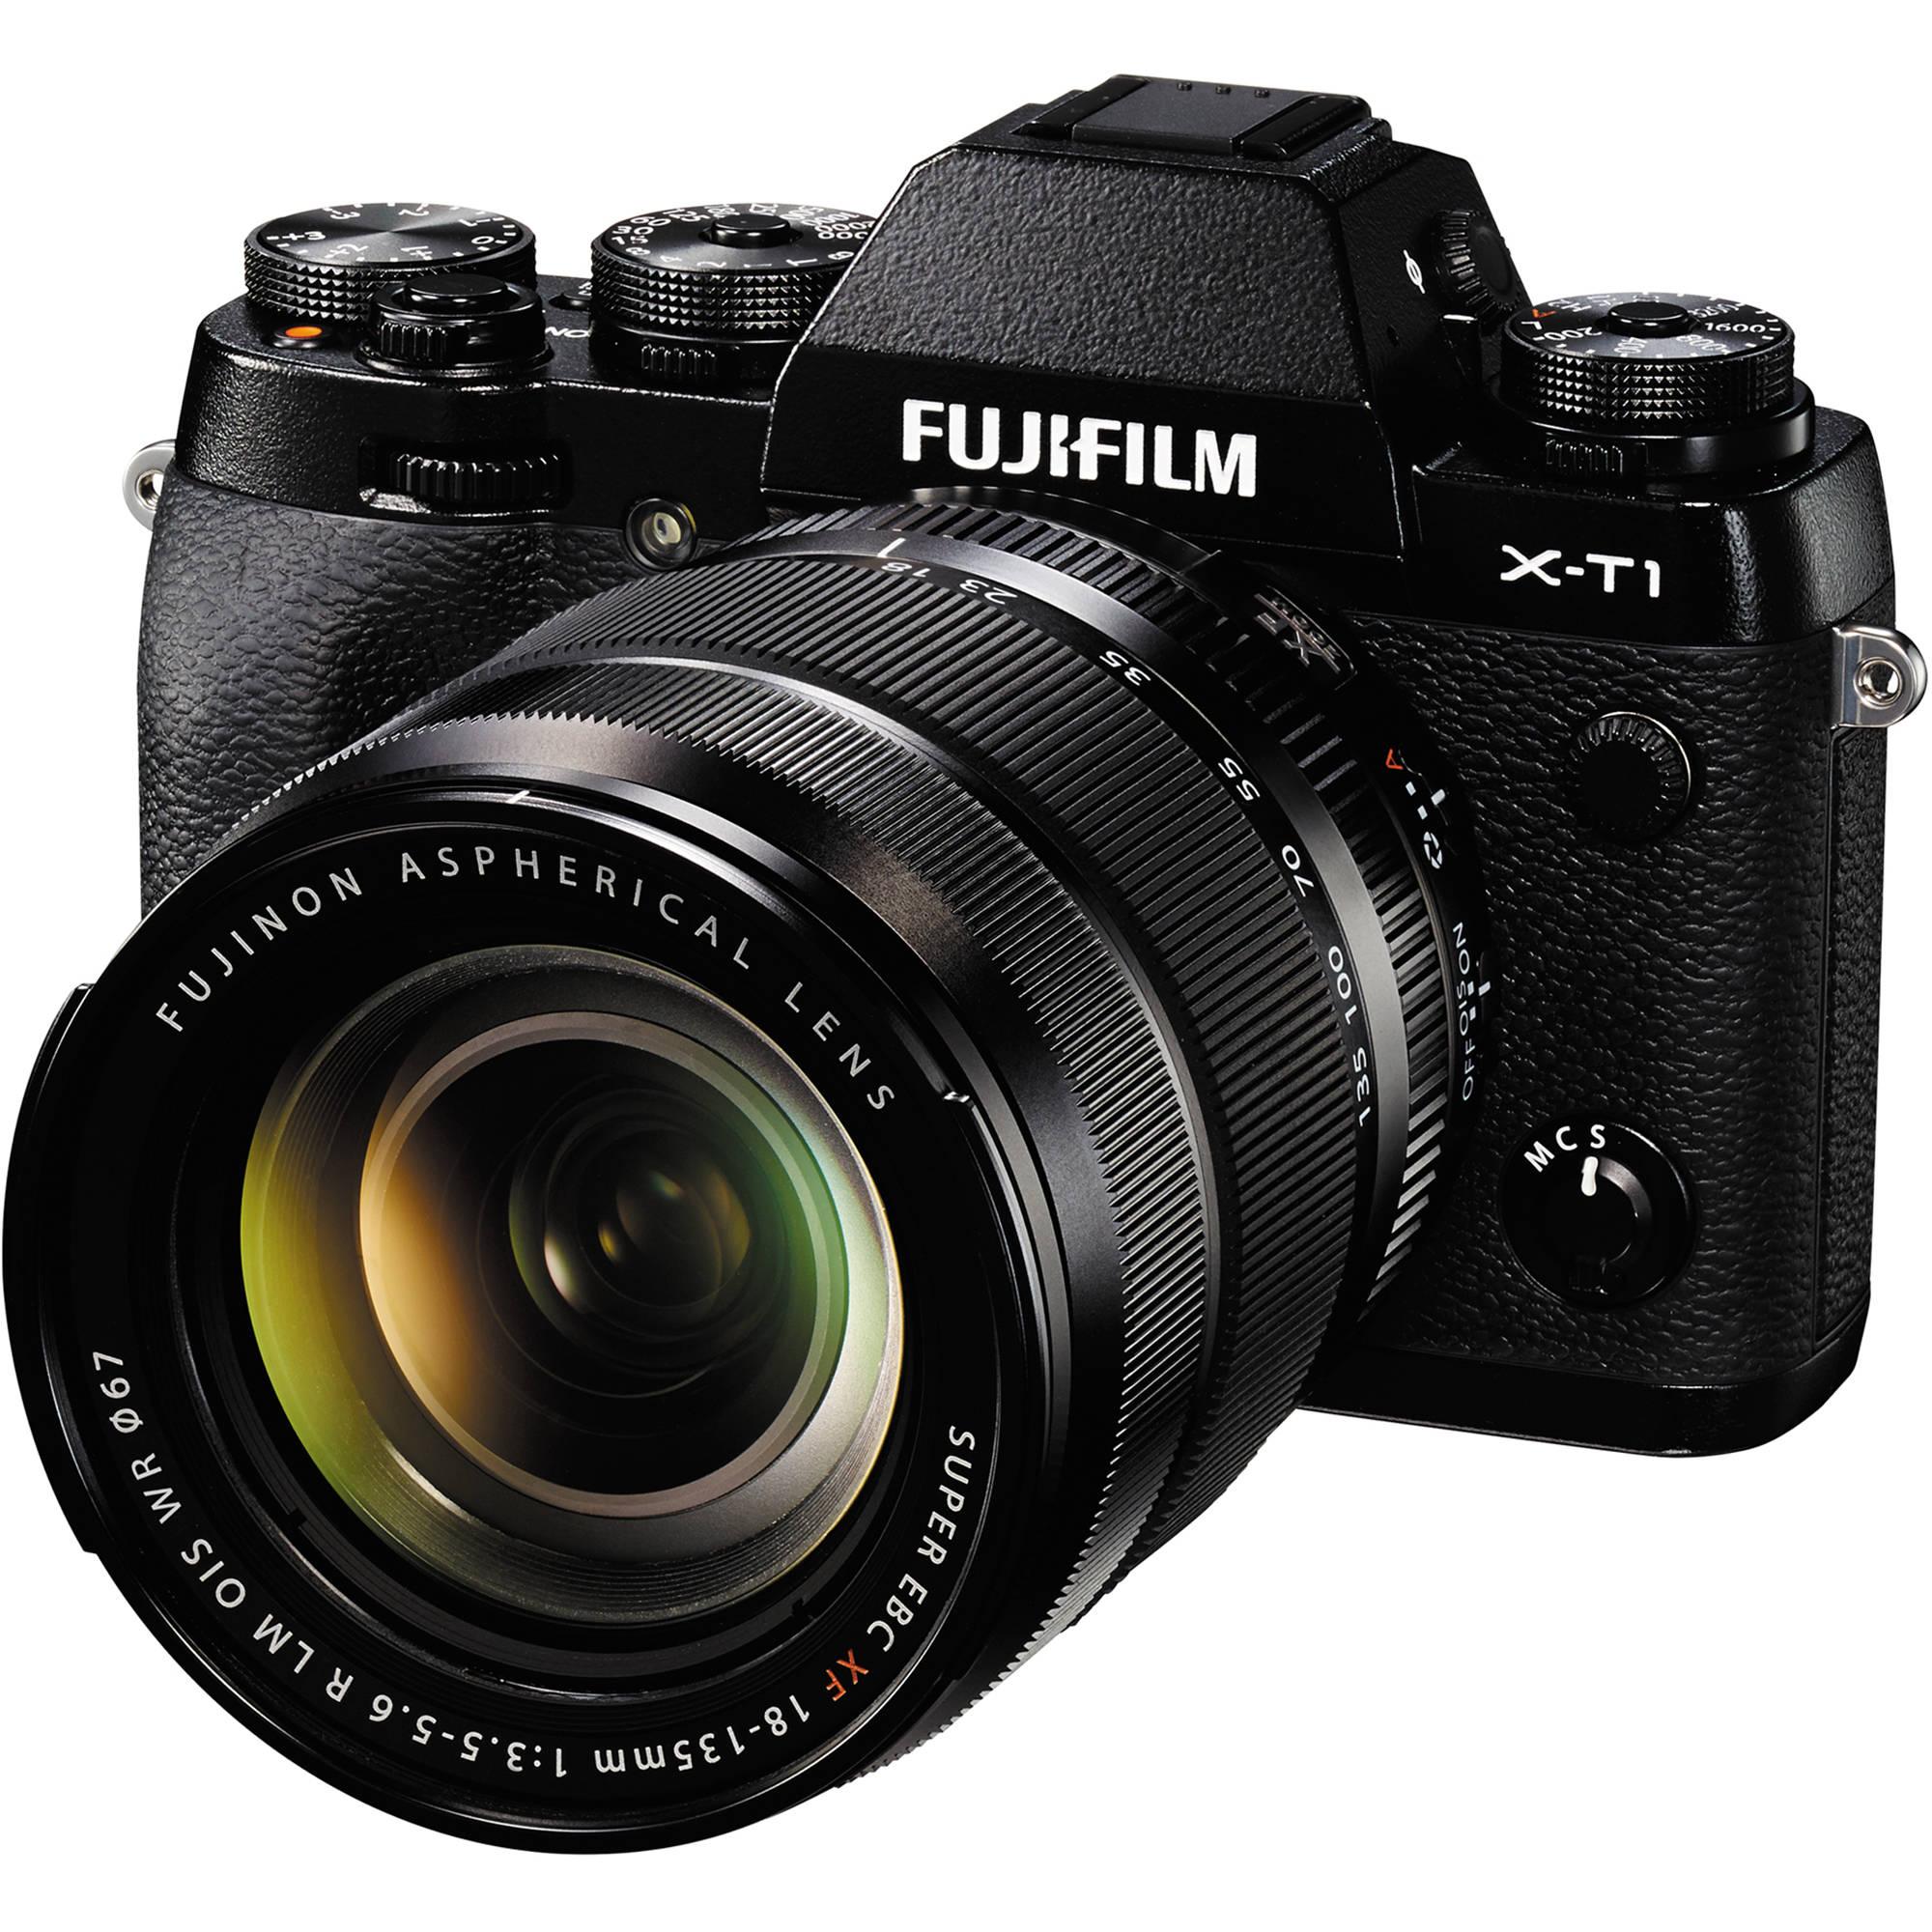 fujifilm_16432786_x_t1_mirrorless_digital_camera_1080886